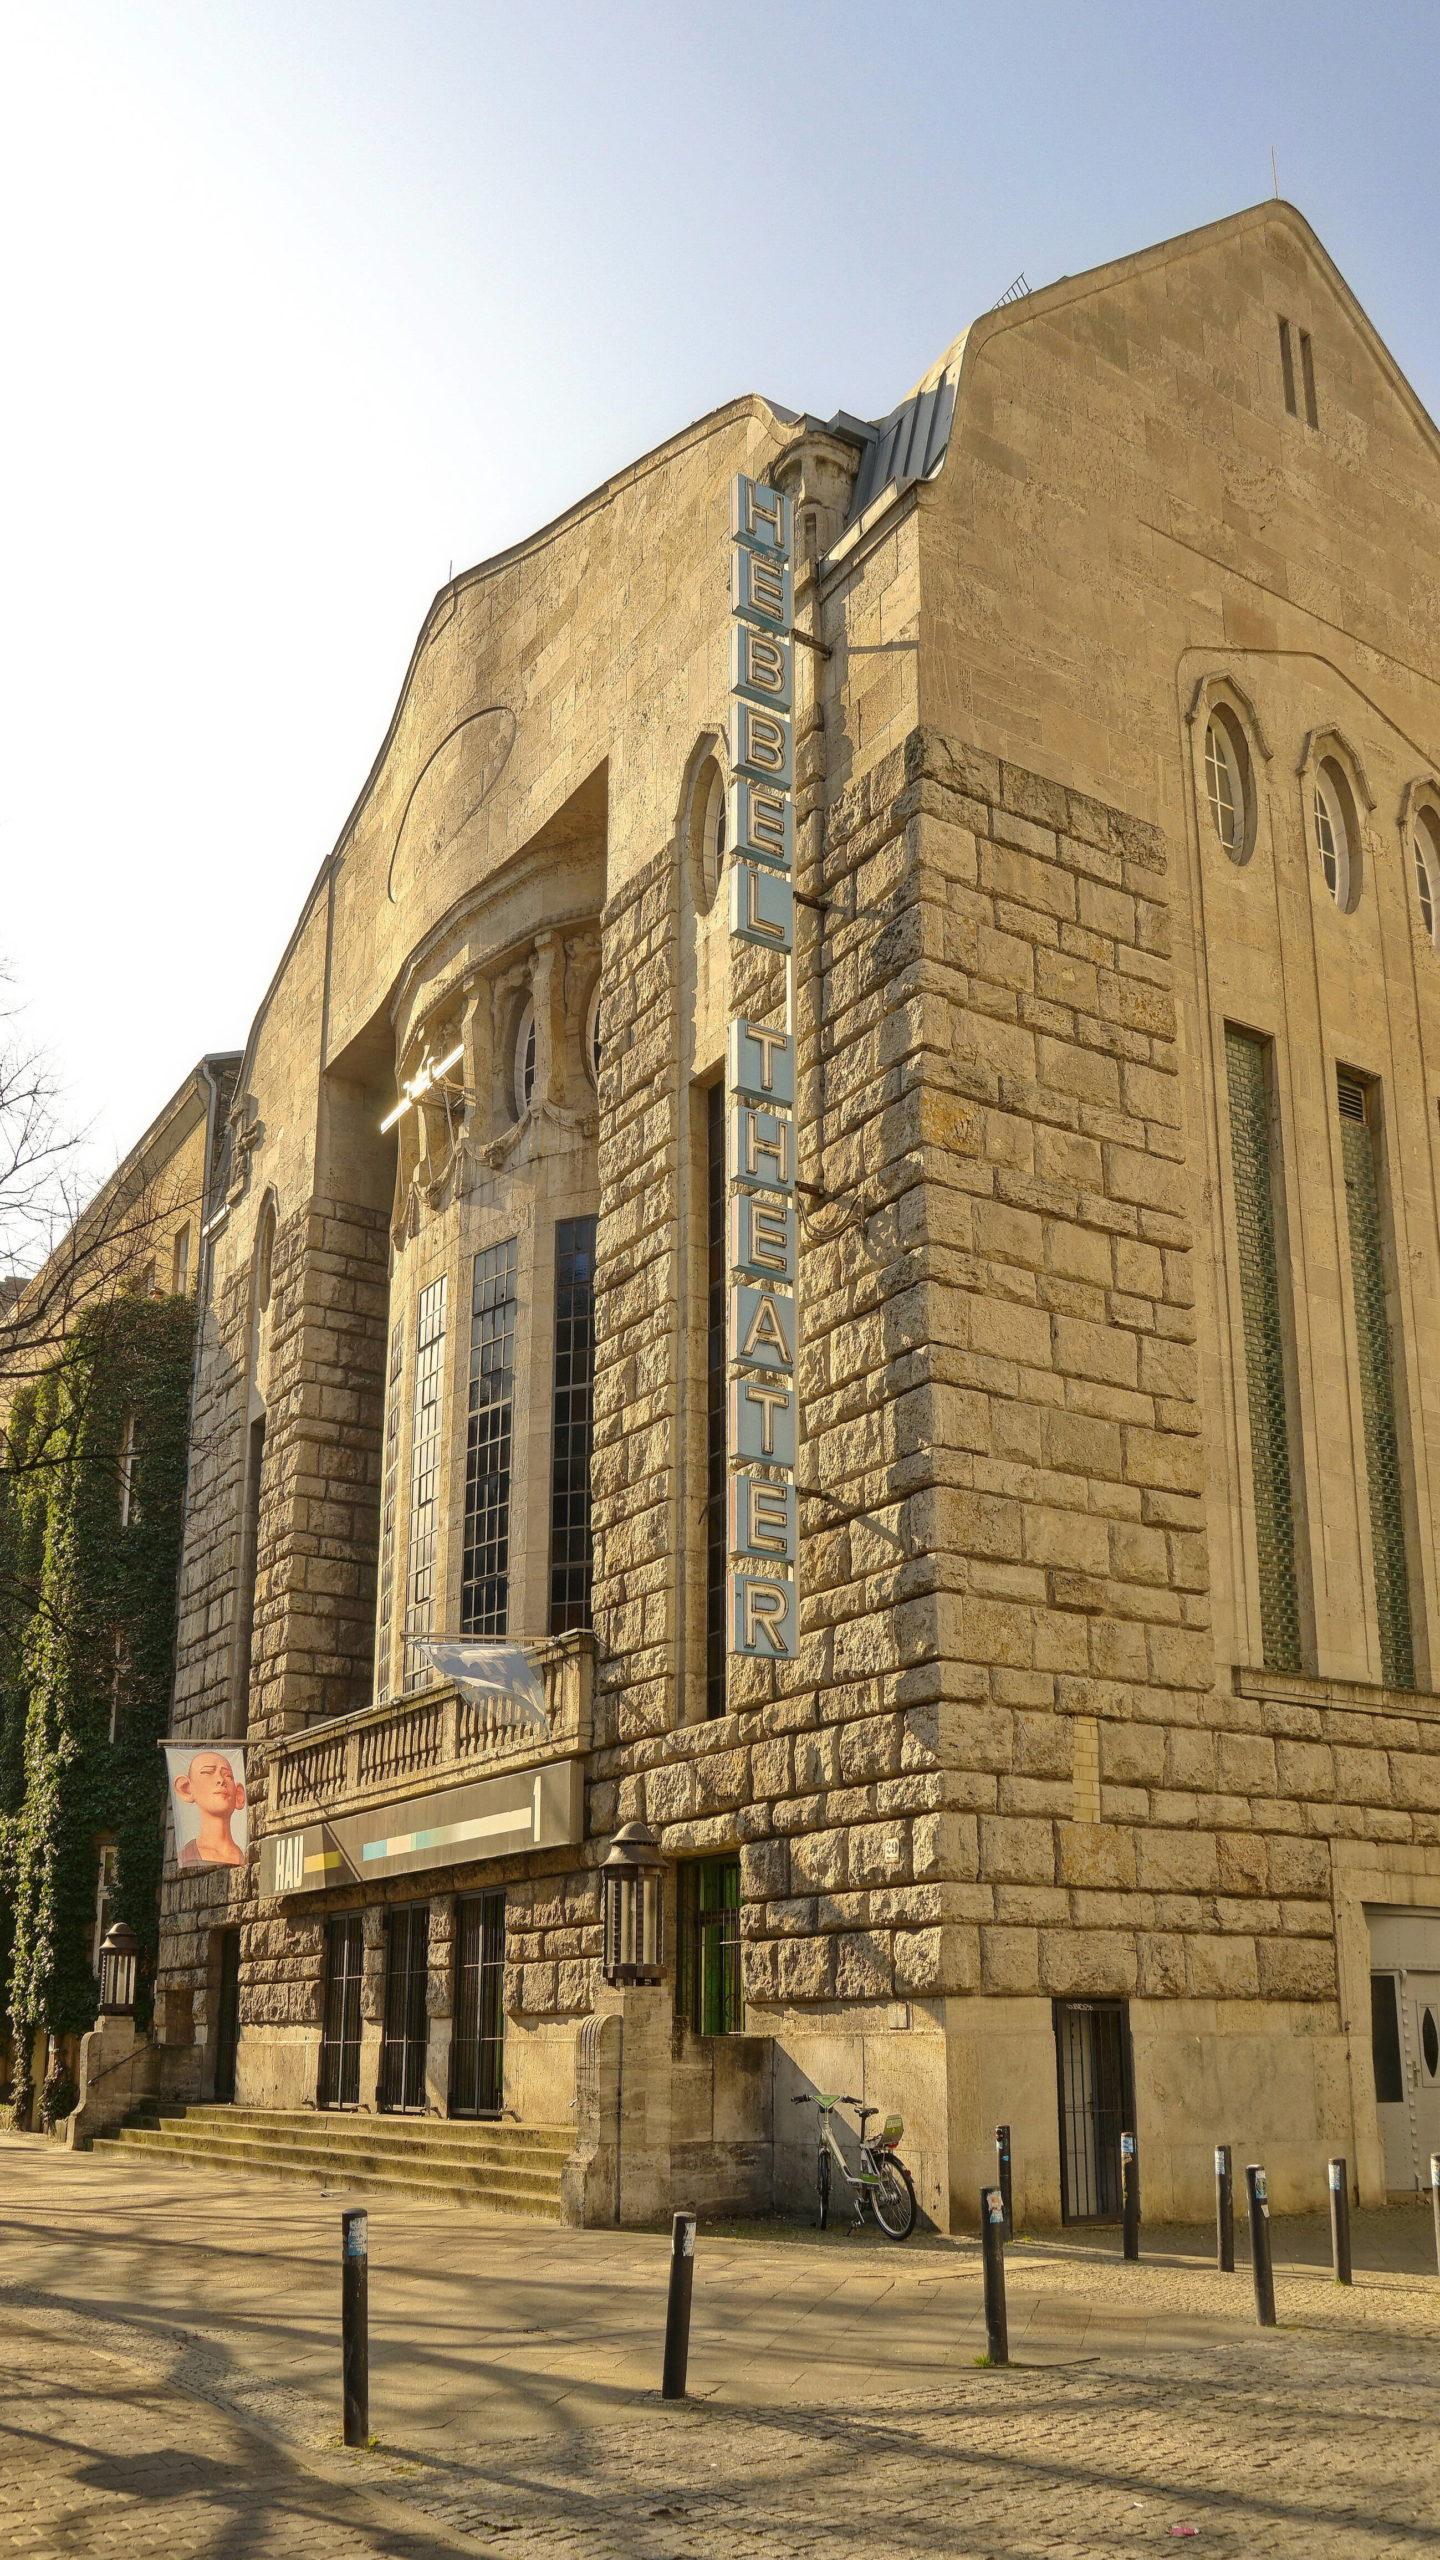 Mit dem traditionsreichen Hebbel-Theater begründete der Theaterarchitekt Oskar Kaufmann seinen Ruhm. Foto: Imago/Pop-Eye